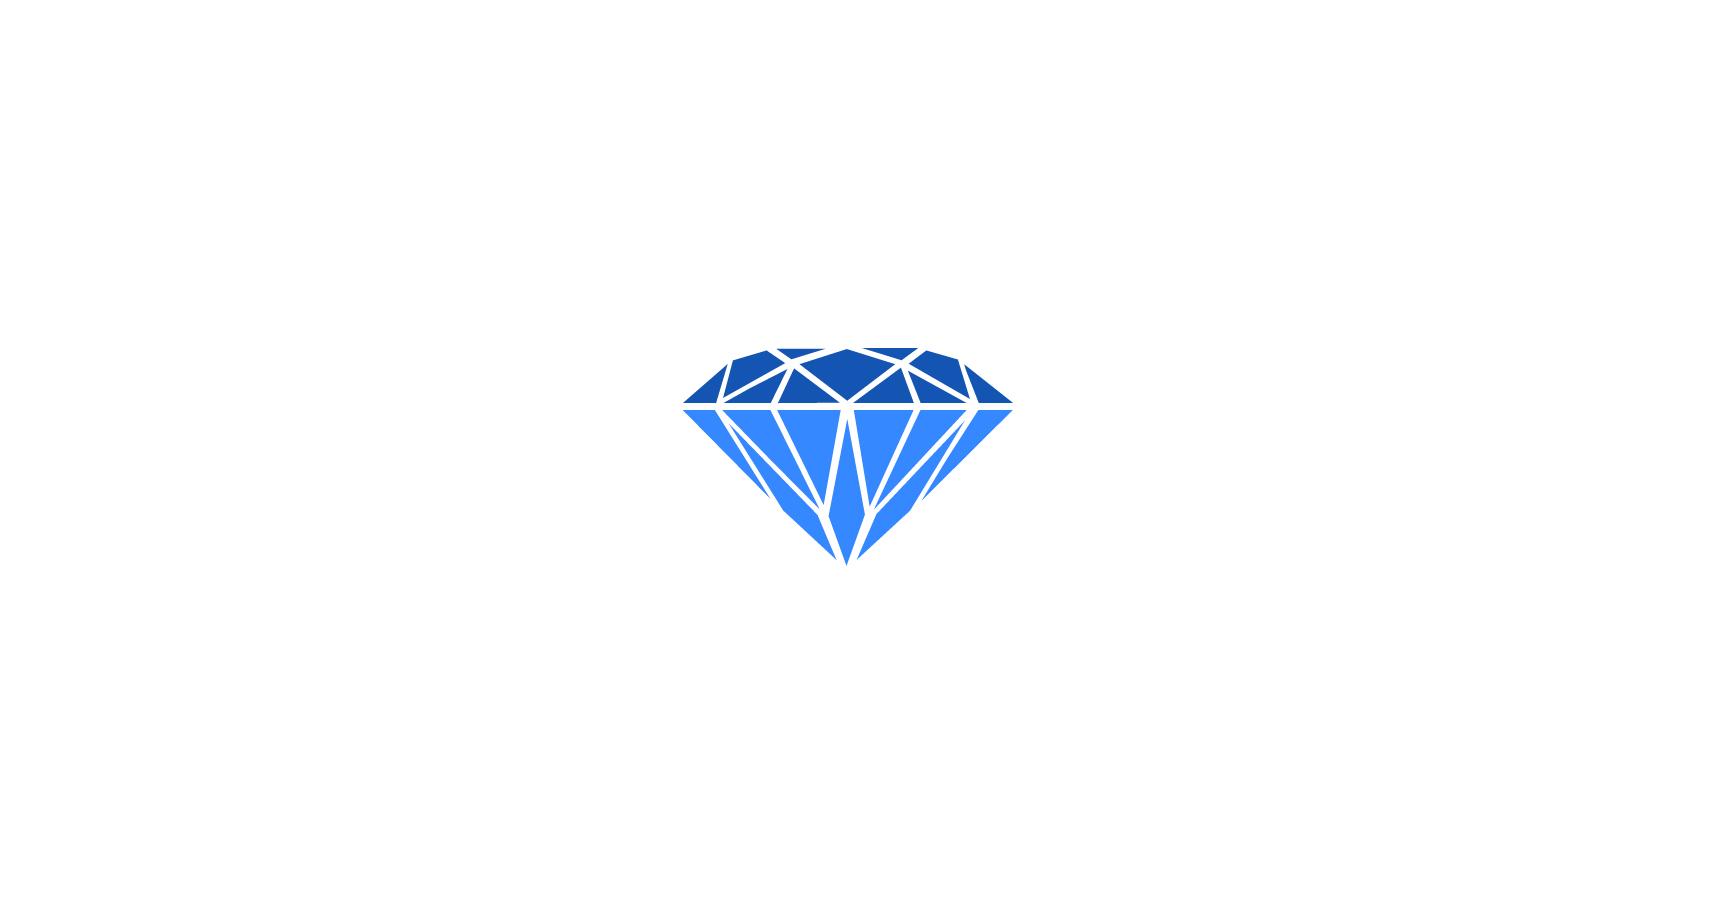 bluediamond-mark.jpg